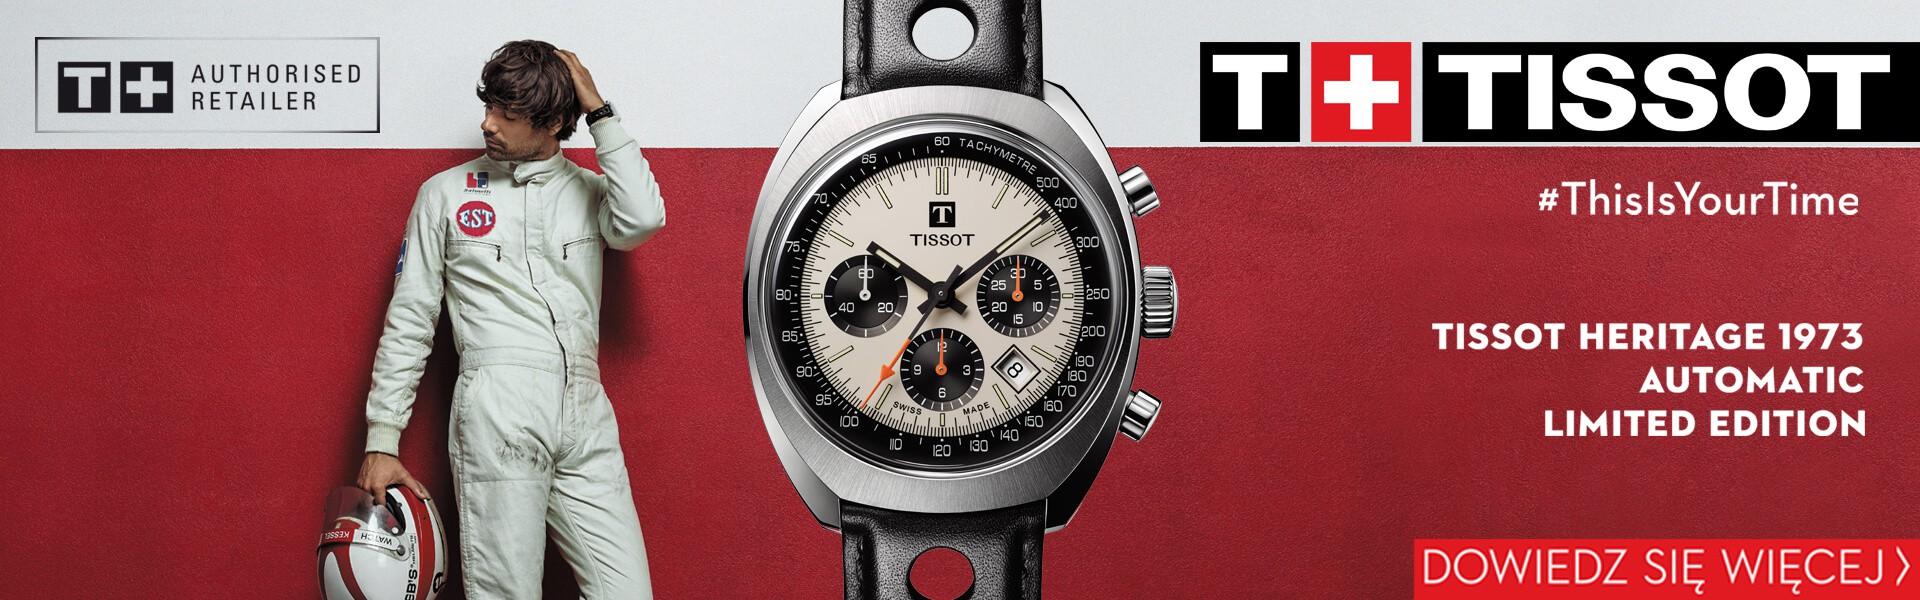 Zegarek Tissot Heritage 1973 dostępny w Gdyni